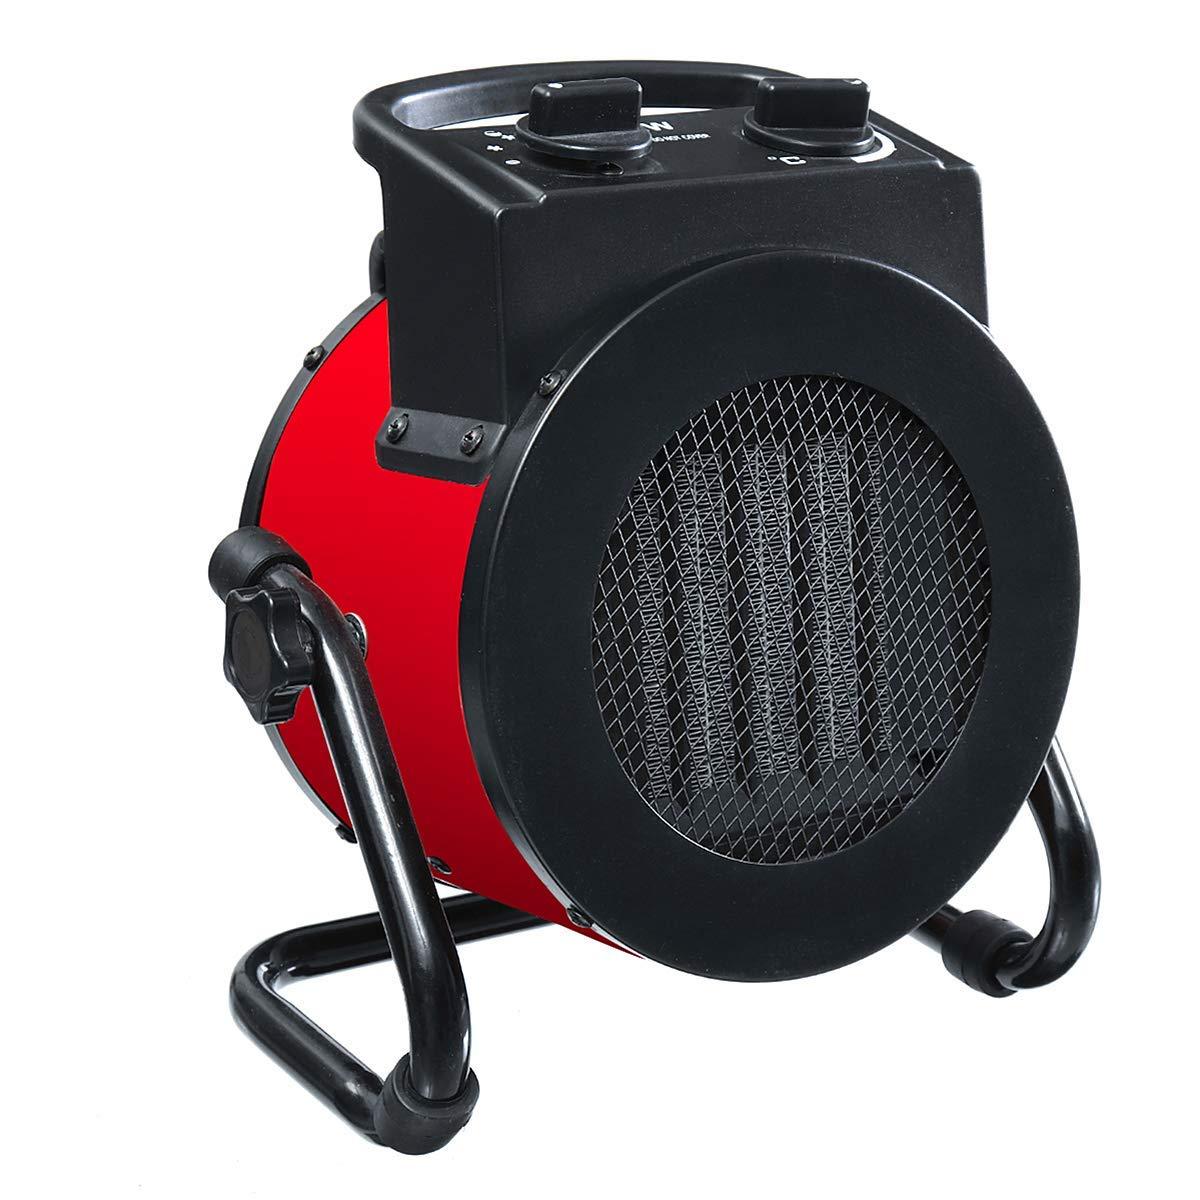 Acquisto YSCCSY 220 V 9A 50 Hz 2000 W Elettrico Riscaldamento Domestico Ventola Scaldabagno Portatile PTC Ventilatore Ceramico Riscaldatore di Spazio Forzato Ventilatore di Aria Calda Elettrico Prezzi offerte